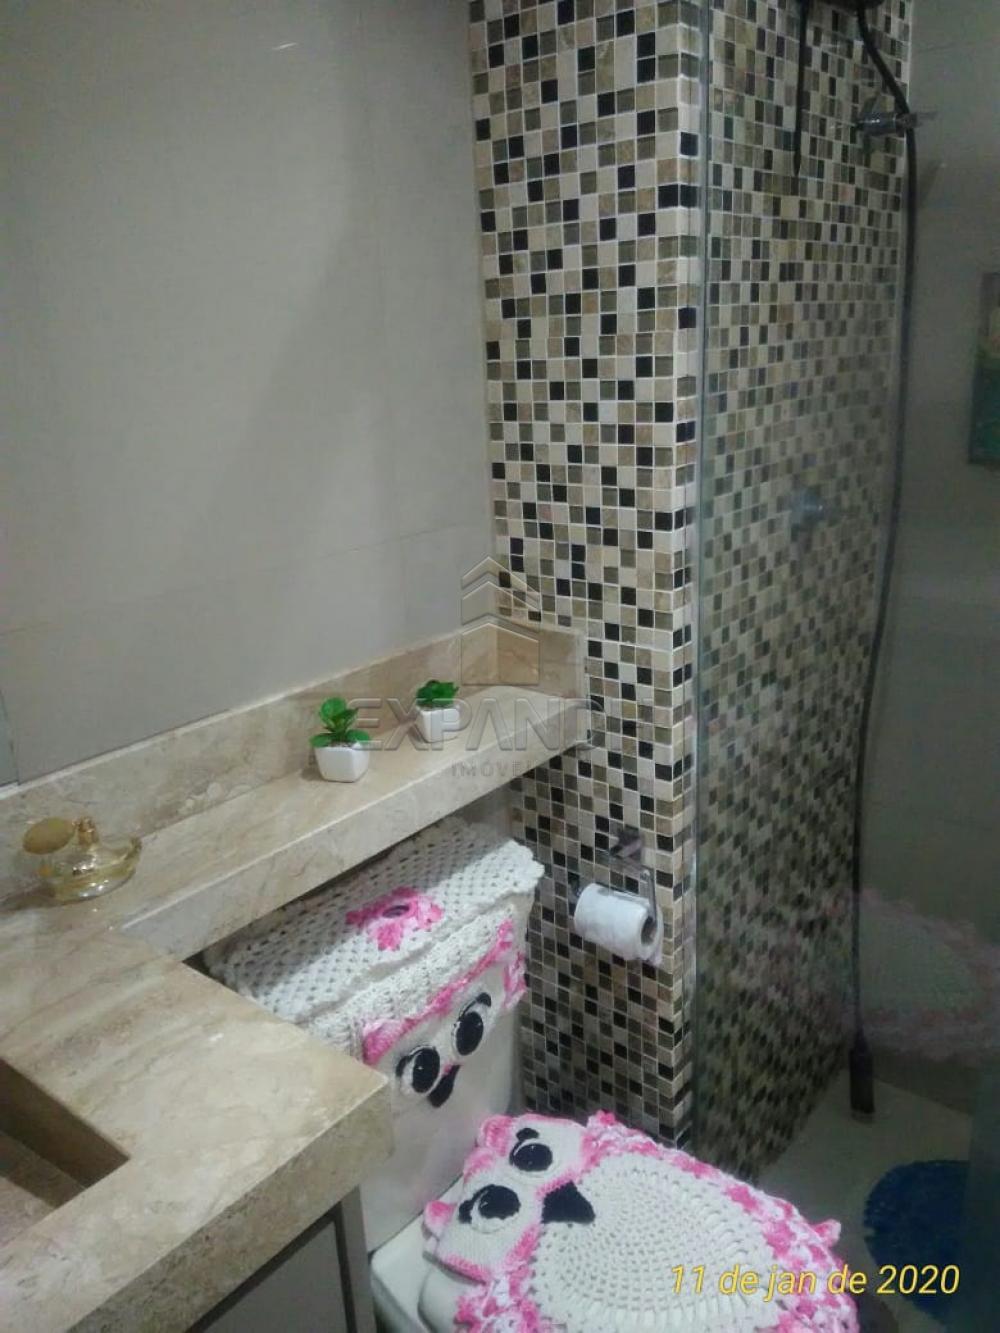 Comprar Apartamentos / Padrão em Sertãozinho apenas R$ 150.000,00 - Foto 15